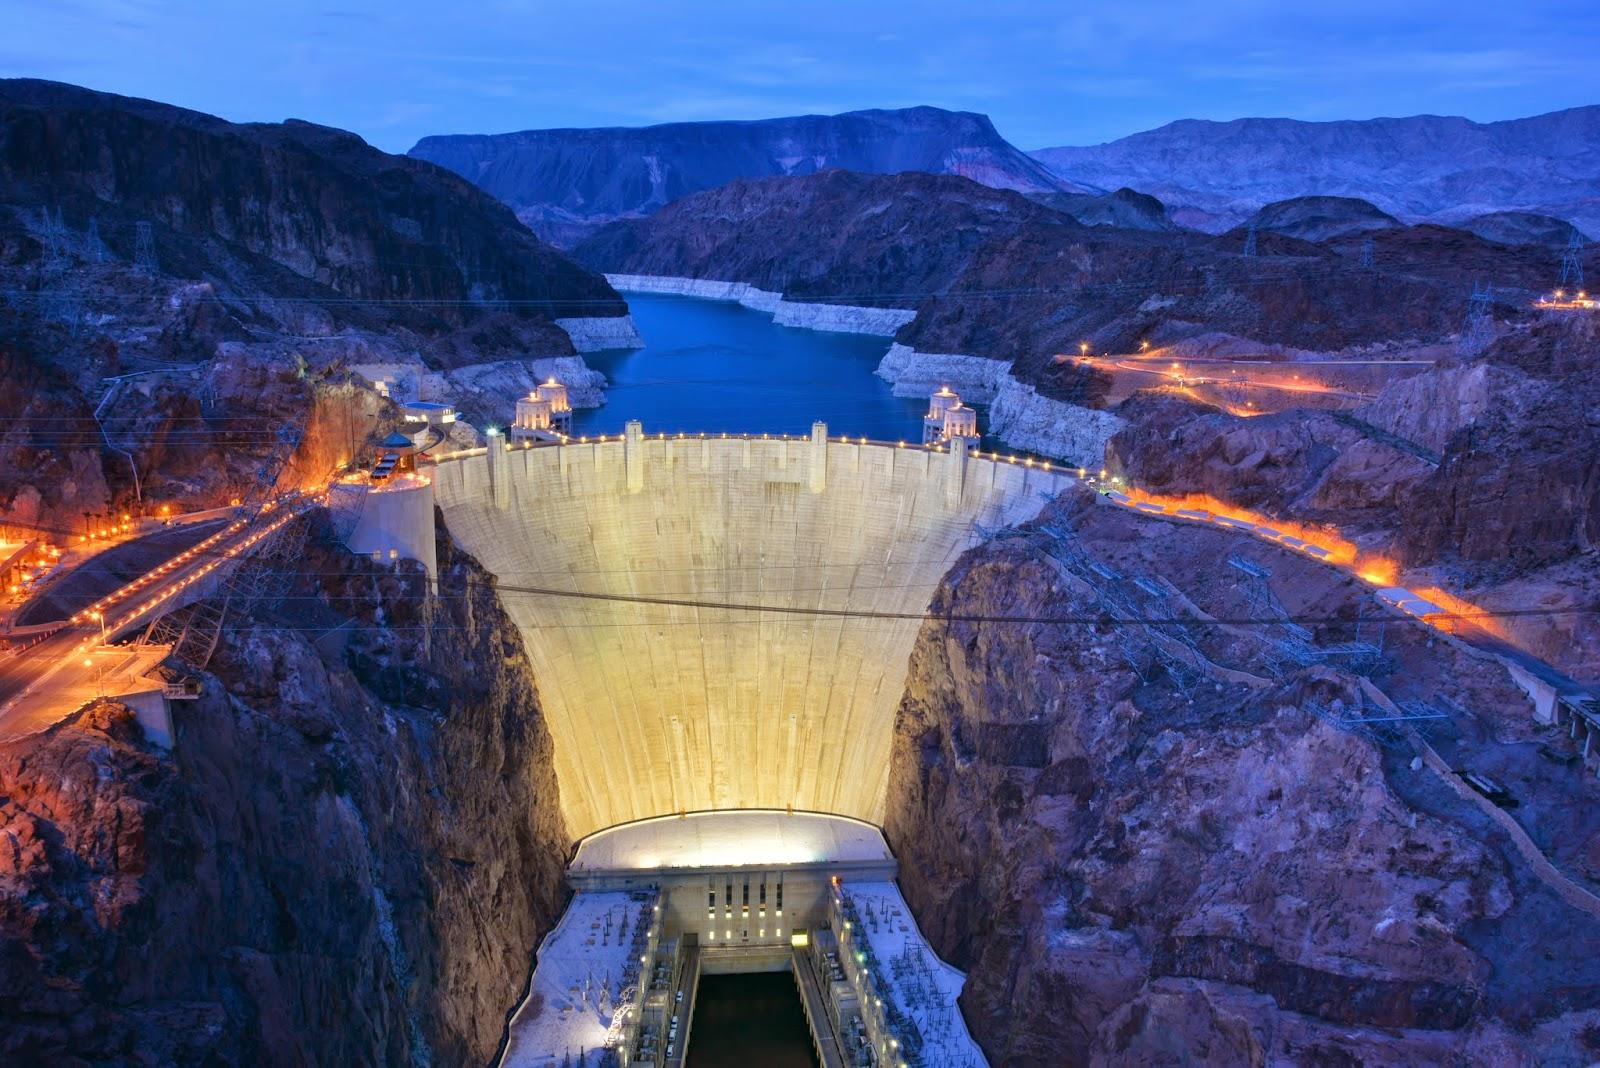 http://www.travelthruhistory.tv/rollin-river-hoover-dam/